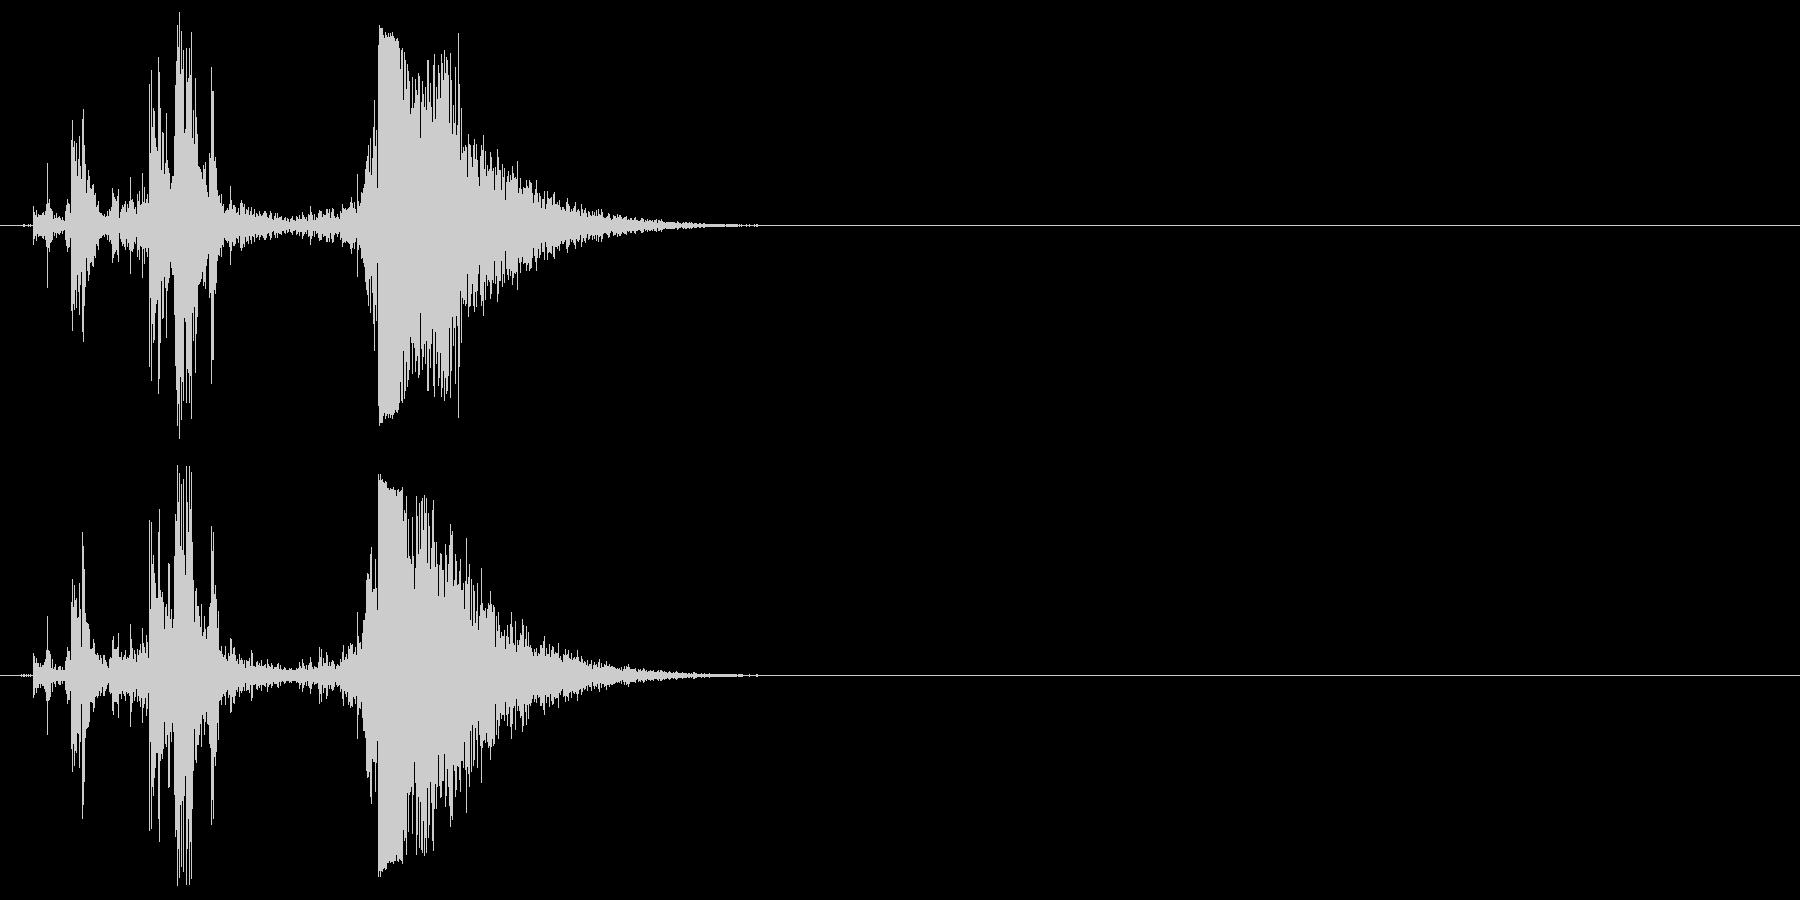 グロックモデル17、半自動ピストル...の未再生の波形